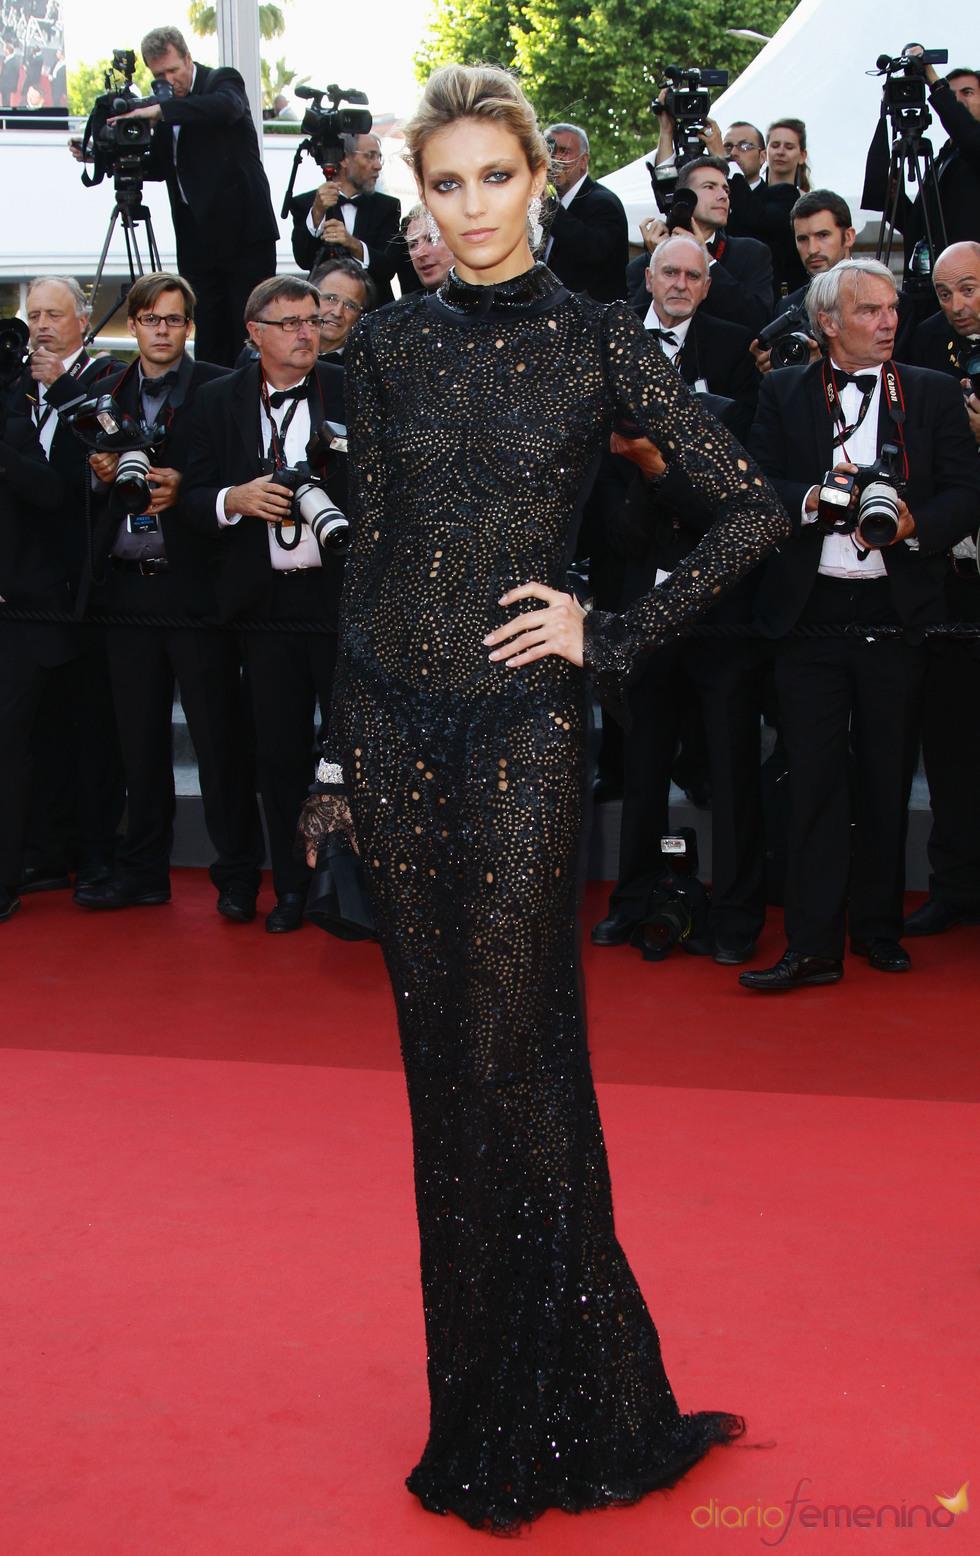 Anja Rubik en la premier de 'This must be the place' en Cannes 2011